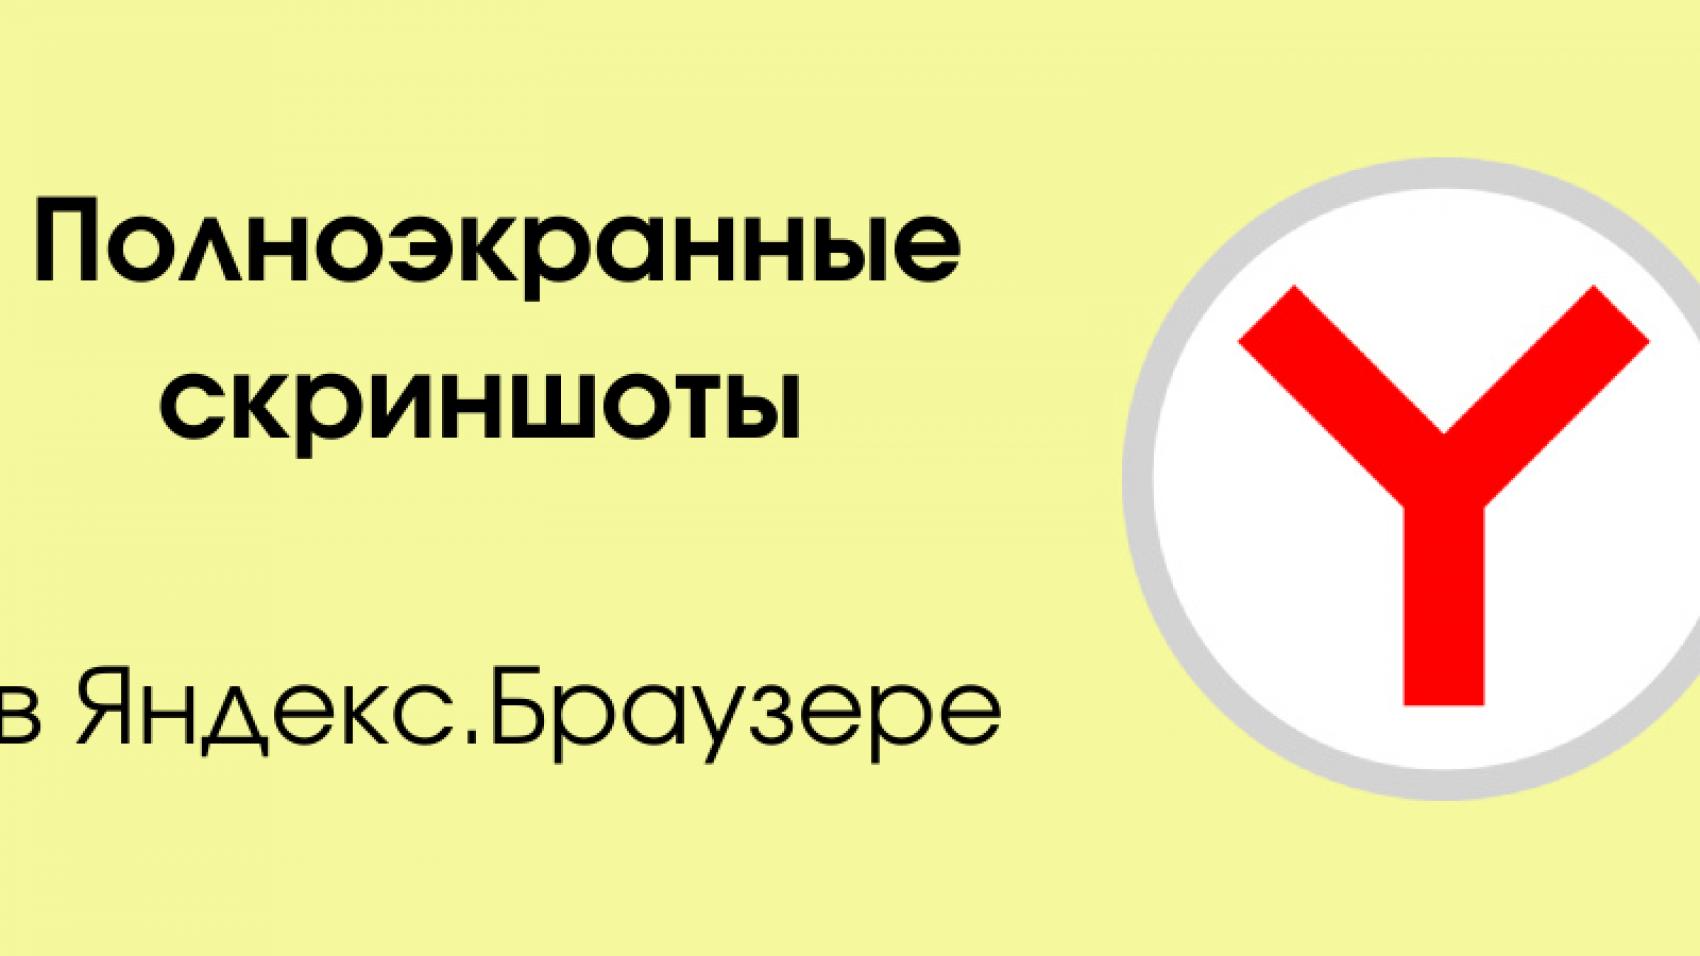 Яндекс.Браузер добавил функцию создания полноэкранных скриншотов